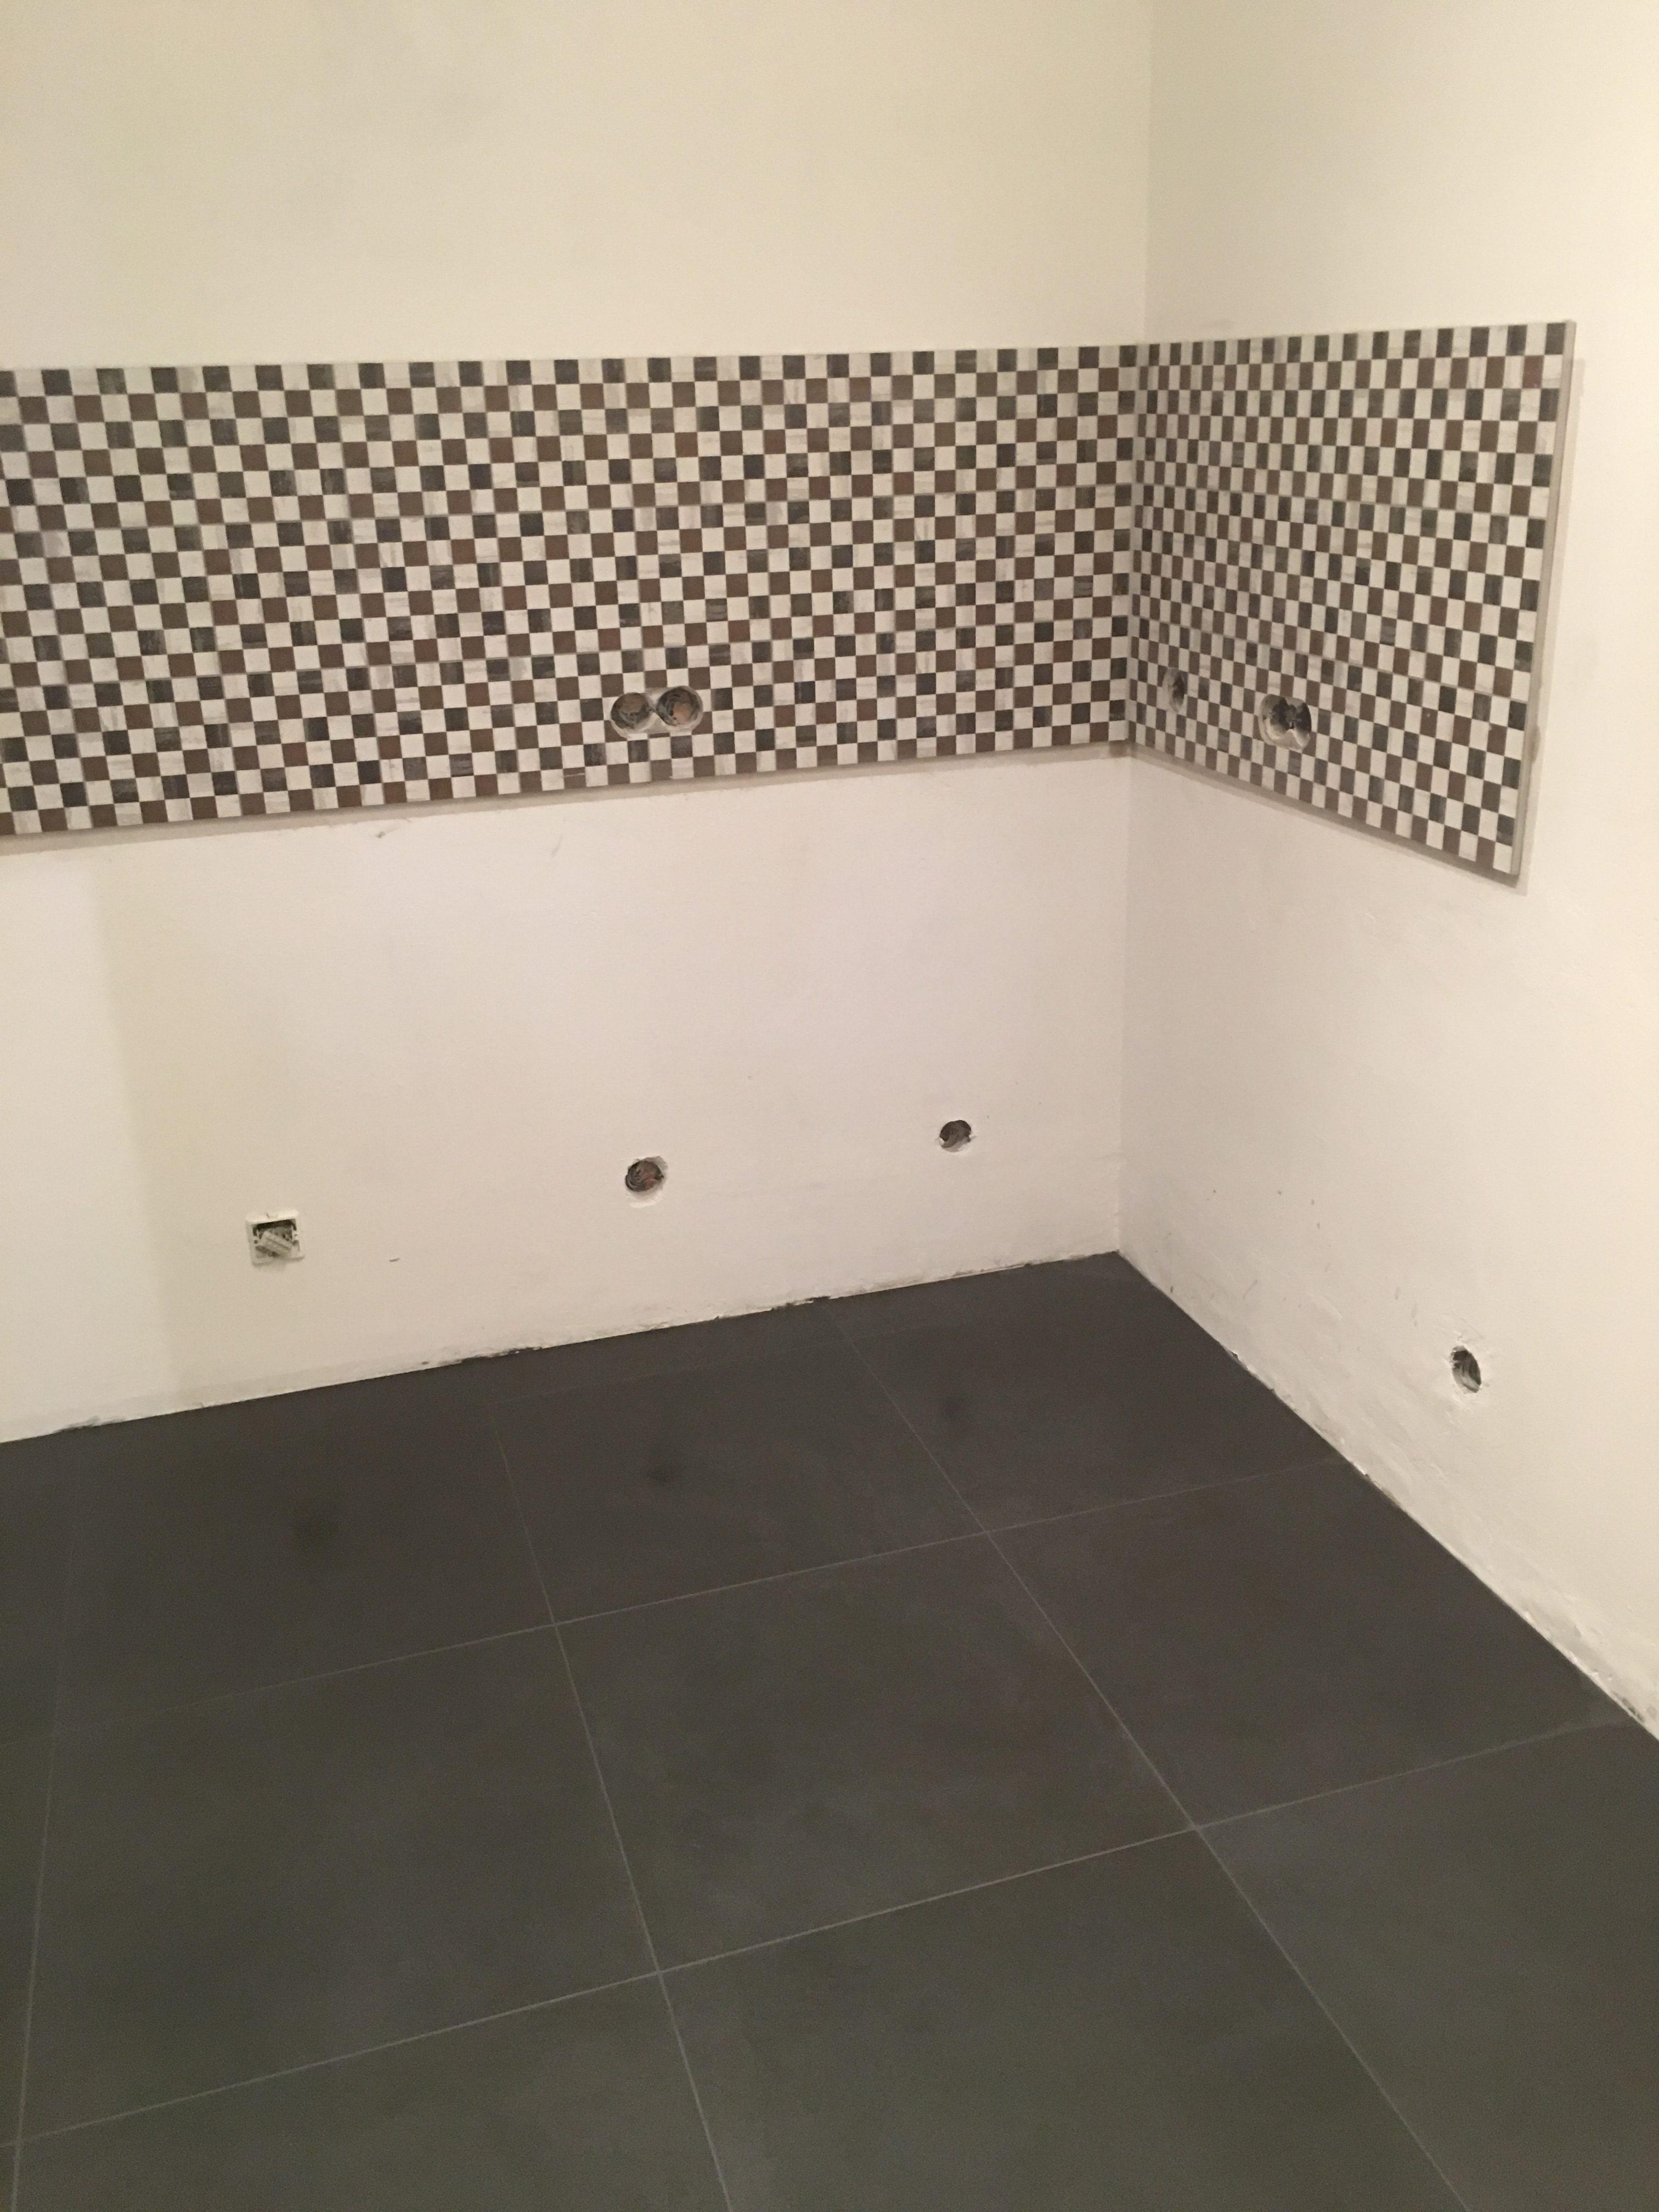 Nachher: ein Fliesenspiegel in Mosaikoptik peppt die Küche auf. Die grösseren Bodenfliesen geben der kleinen Küche mehr Raum.